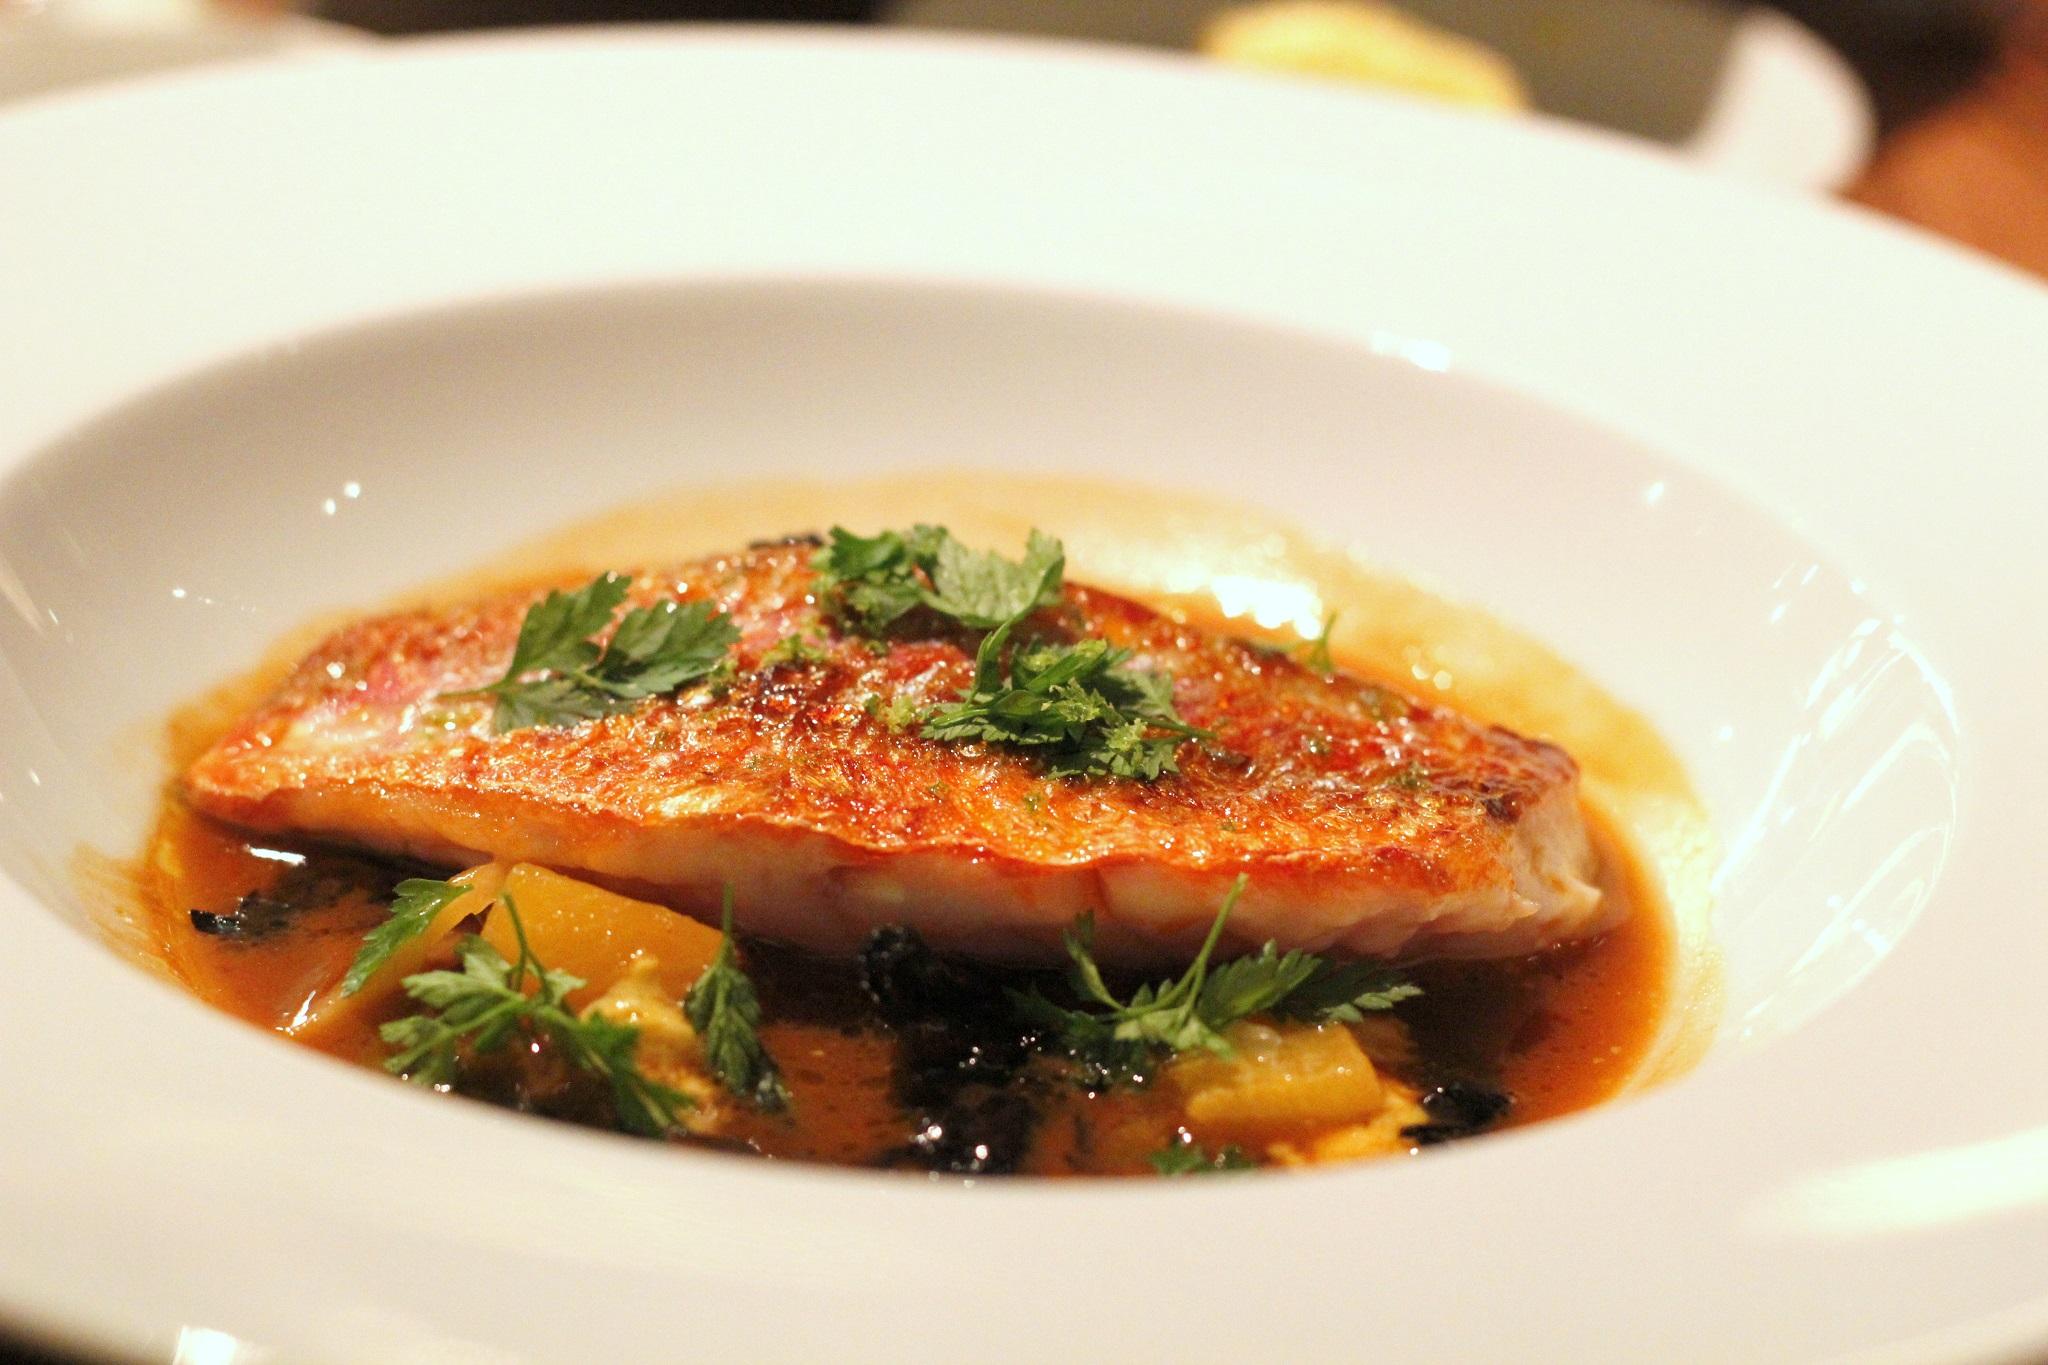 מרק דגים עדין מאד עם פטריות כמהין , דג מולית אדומה ודלעת , איזה כישרון..